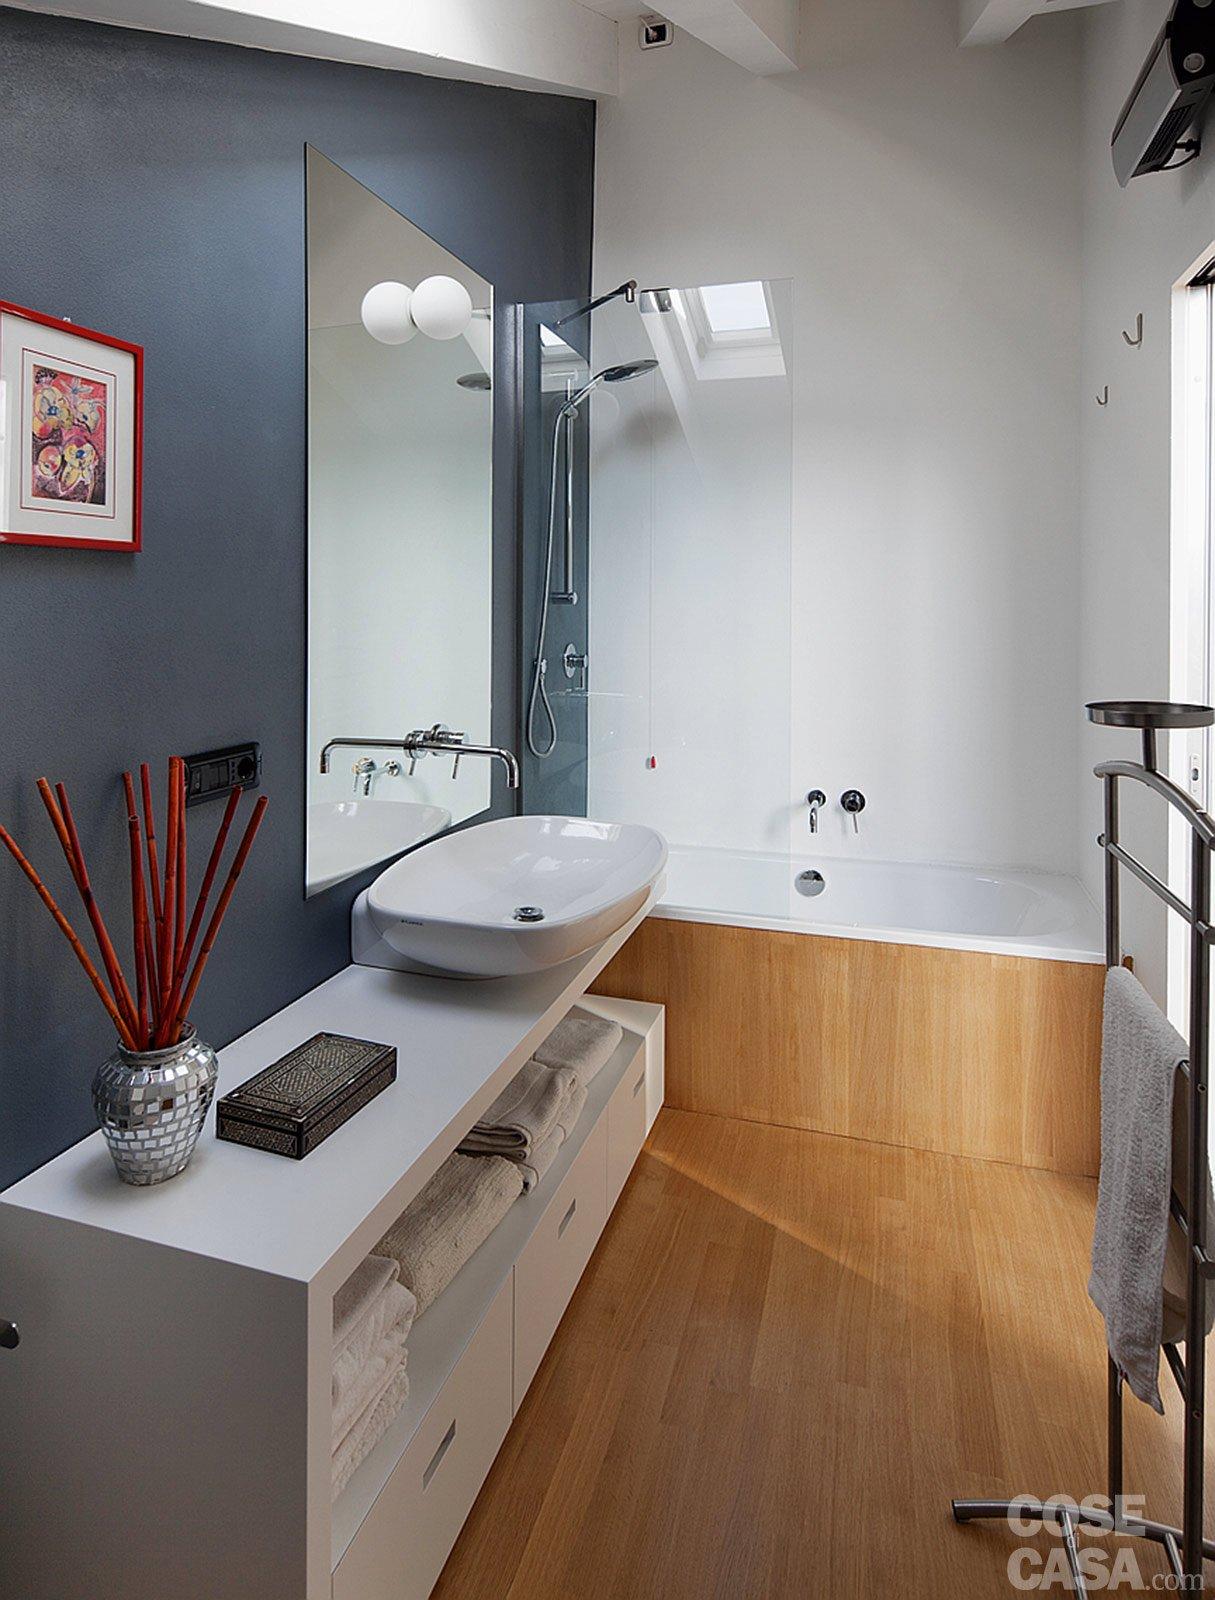 Parquet per bagno finest parquet in bagno consigli come - Parquet nel bagno ...